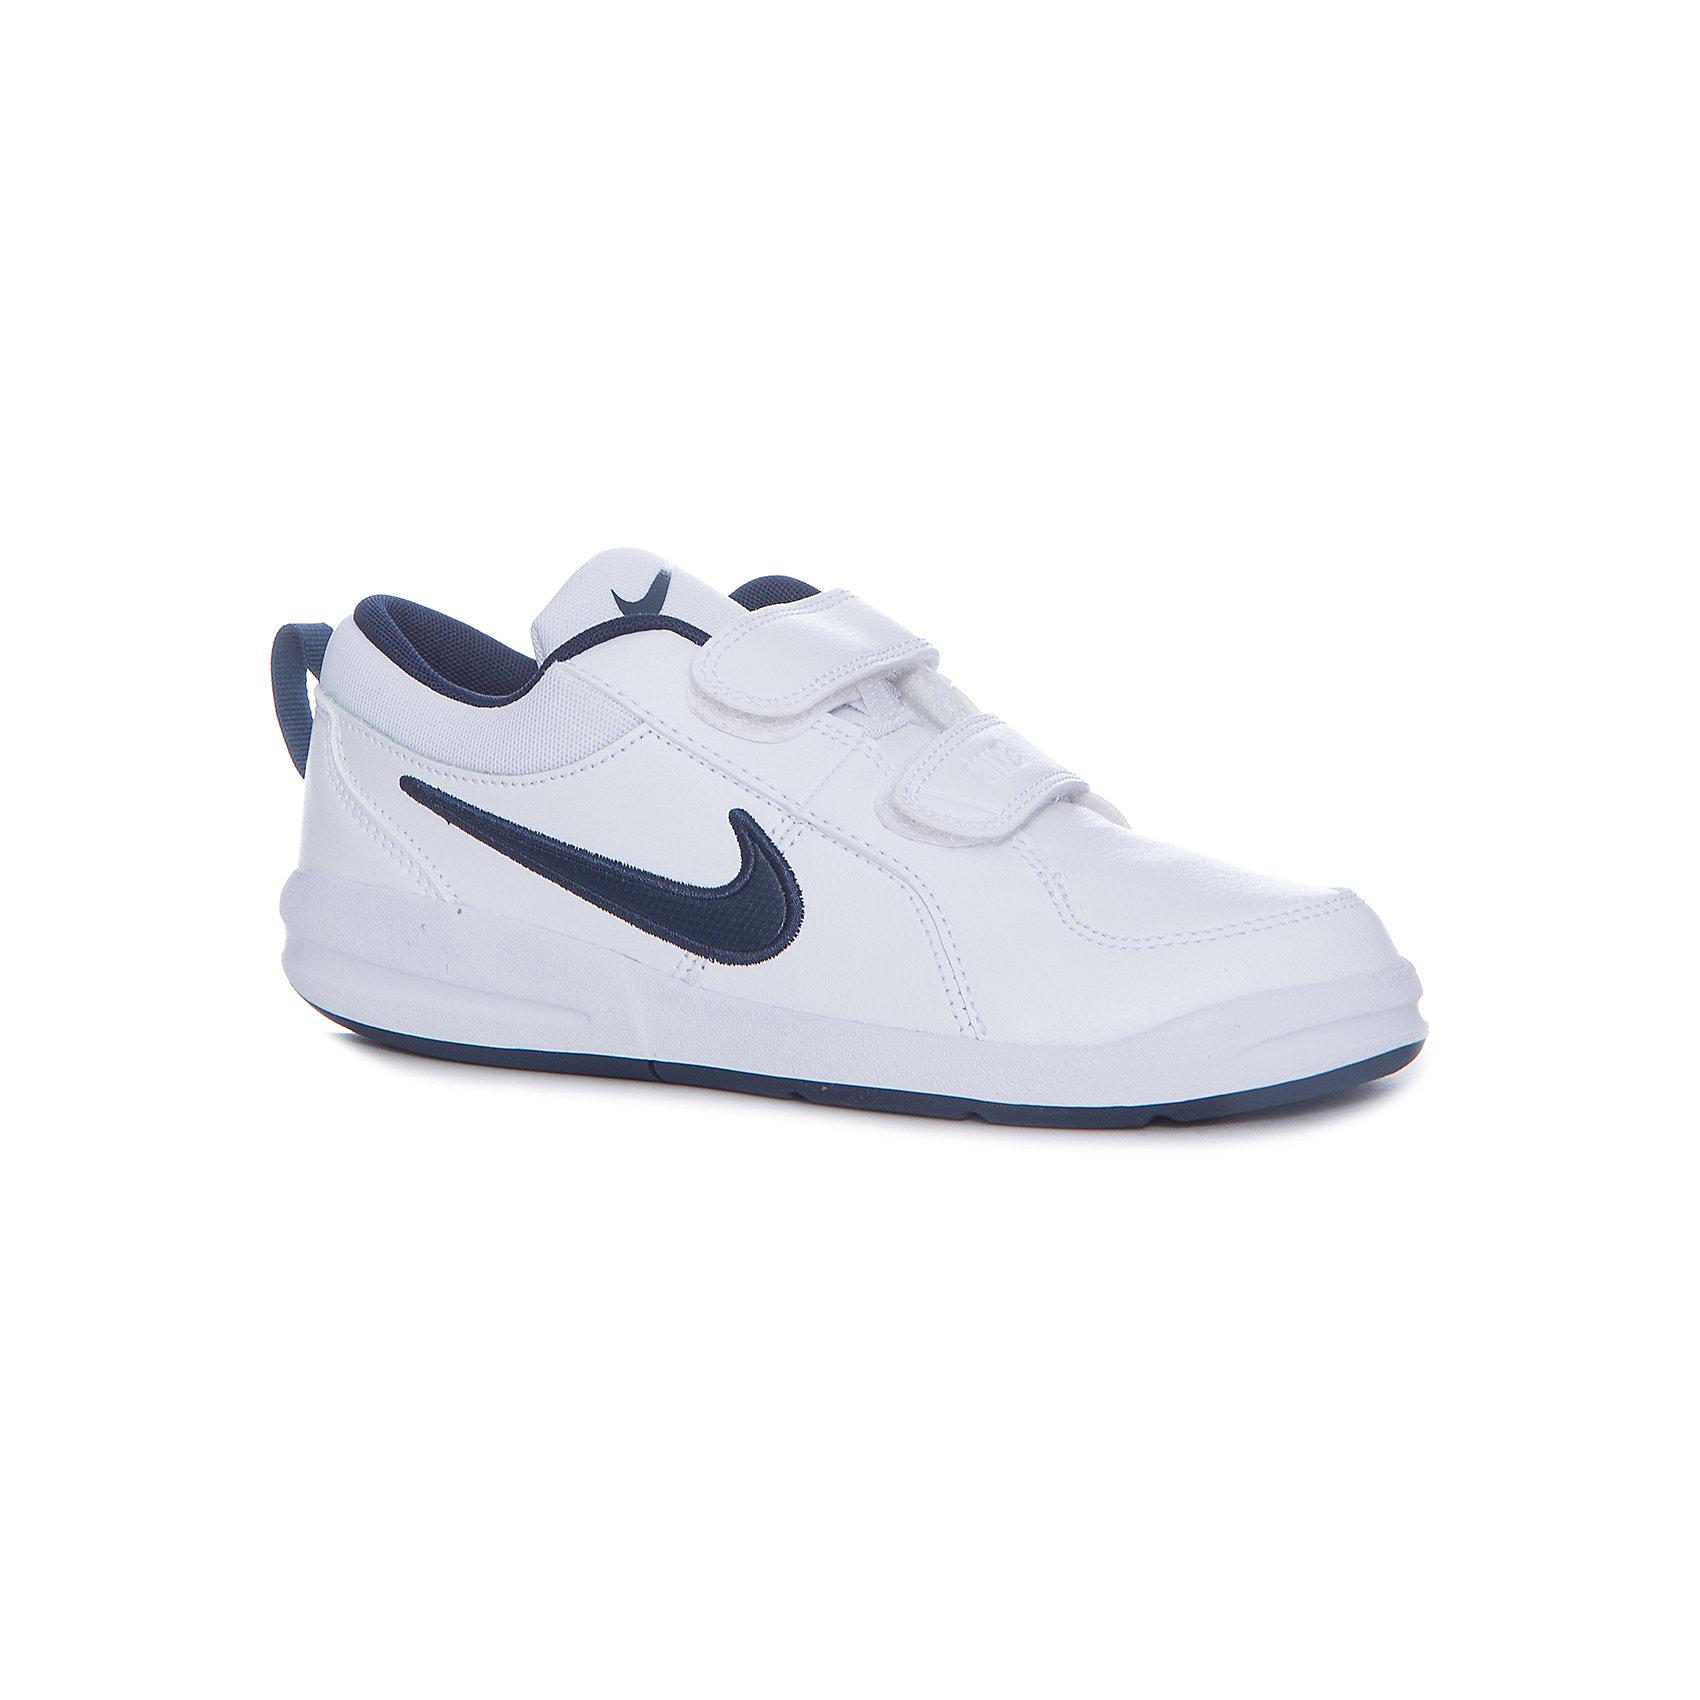 Кроссовки Nike Pico 4 (PSV) для мальчикаКроссовки<br>Характеристики товара:<br><br>• цвет: белый<br>• внешний материал: 48% натуральная кожа, 43% искусственная кожа, 9% текстиль<br>• внутренний материал: текстиль<br>• стелька: текстиль<br>• подошва: резина<br>• высота подошвы: 1,5 см<br>• вставка в подошве для мягкой амортизации<br>• тип застежки: два ремешка с липучками<br>• сезон: демисезон<br>• температурный режим: от +10°С до +20°С<br>• устойчивая подошва<br>• защищенный мыс и пятка<br>• износостойкий материал<br>• страна бренда: США<br>• страна изготовитель: Индонезия<br><br>Кроссовки на липучках для мальчика PICO 4 (PSV) от популярной марки NIKE (Найк) - прекрасный вариант для повседневной носки или же активного отдыха. Рифленая подошва кроссовок обеспечивает прекрасное сцепление с поверхностью. Застежка на липучке позволяет быстро надевать и снимать обувь. Модель выполнена практичной расцветки дополнена фирменным логотипом. <br><br>Кроссовки NIKE (Найк) можно купить в нашем интернет-магазине.<br><br>Ширина мм: 250<br>Глубина мм: 150<br>Высота мм: 150<br>Вес г: 250<br>Цвет: белый<br>Возраст от месяцев: 144<br>Возраст до месяцев: 156<br>Пол: Мужской<br>Возраст: Детский<br>Размер: 35,27,27.5,30,29,28.5,30.5,26.5,28,31,31.5,32,33.5,34,33<br>SKU: 4217414